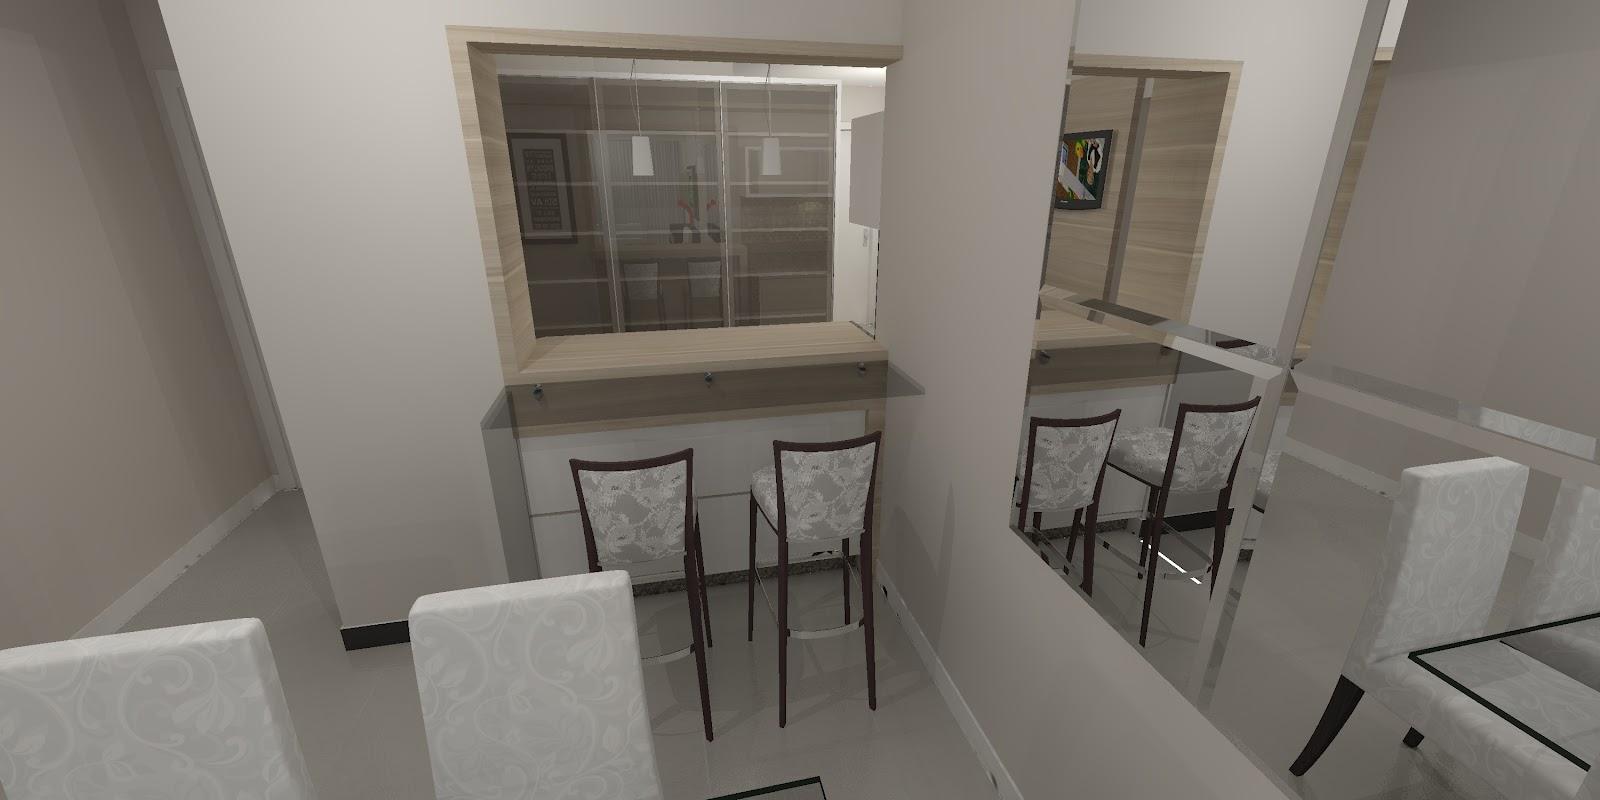 #403B34 Sekai Projetos e Interiores: Sala e cozinha conjugadas 1600x800 px Projetos De Salas E Cozinhas Conjugadas #823 imagens